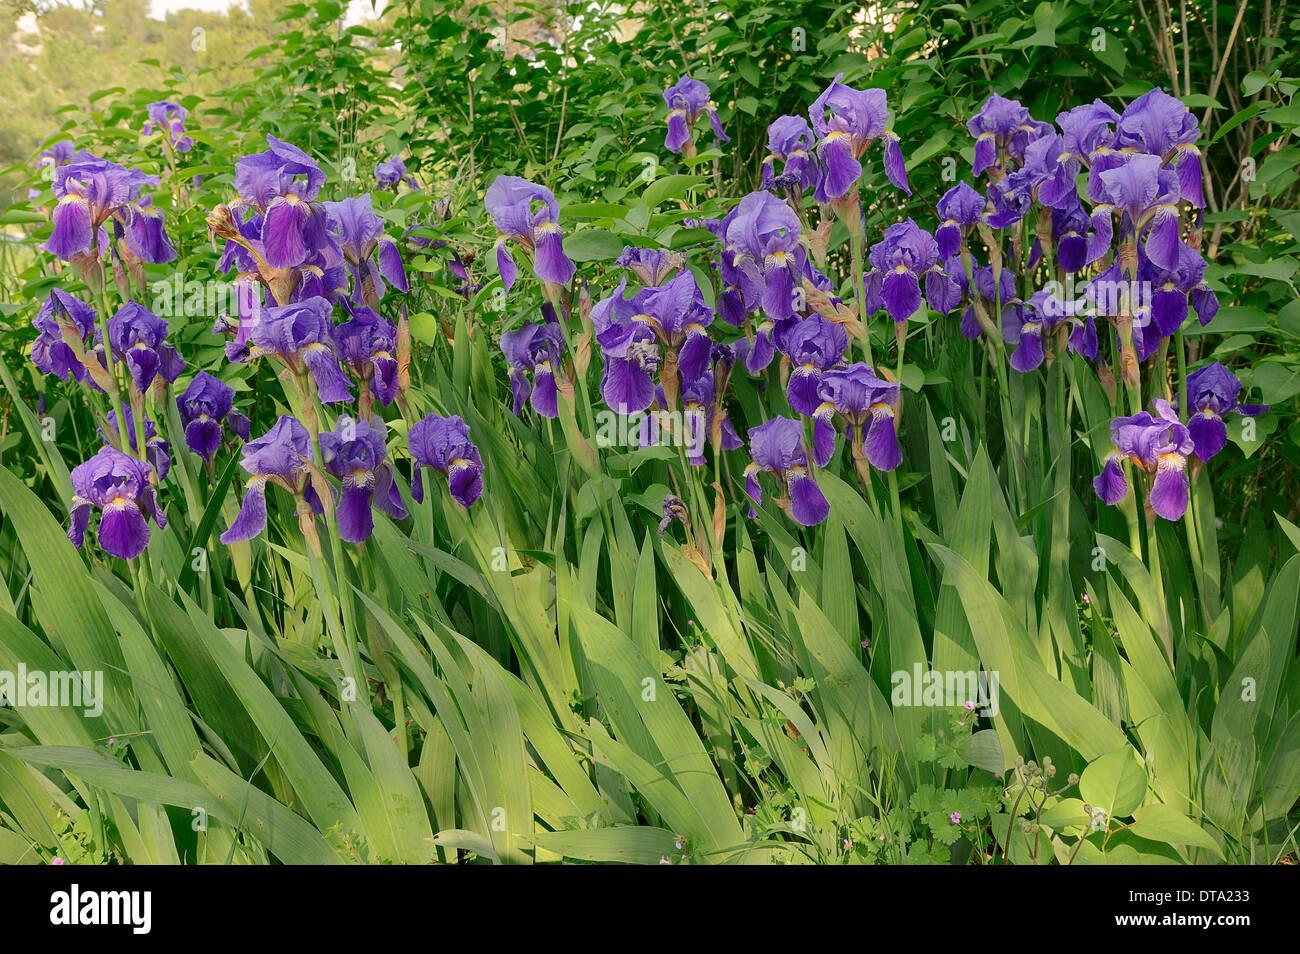 Altura media Barbada (Iris barbata-media hybride), Provenza, en el sur de Francia, Francia Foto de stock